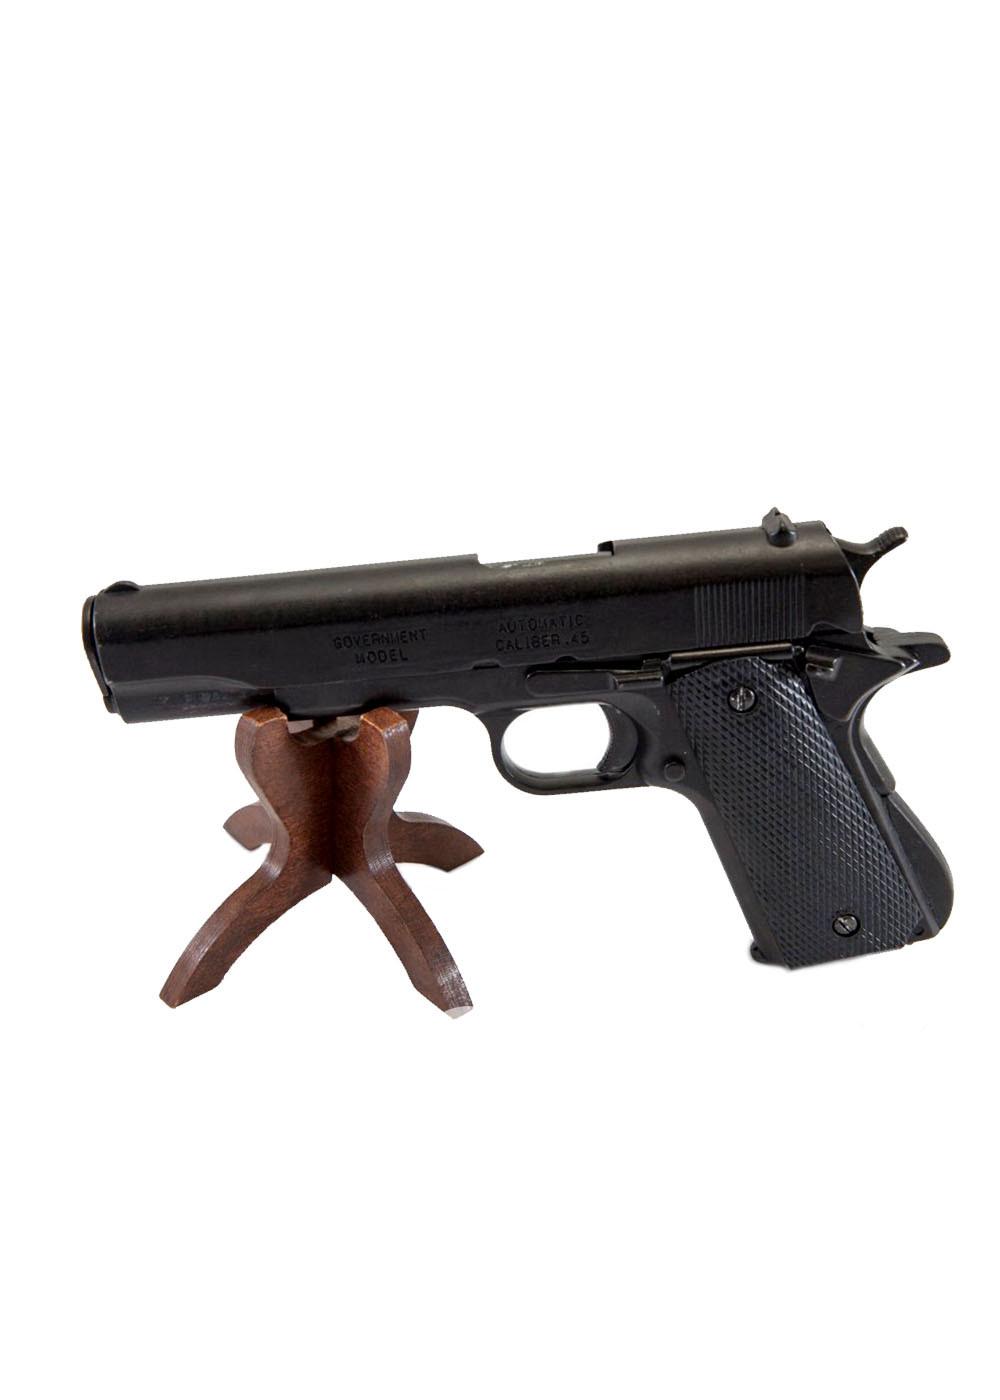 Пистолет Кольт 45-го калибра, М1911А1, США 1911 г.